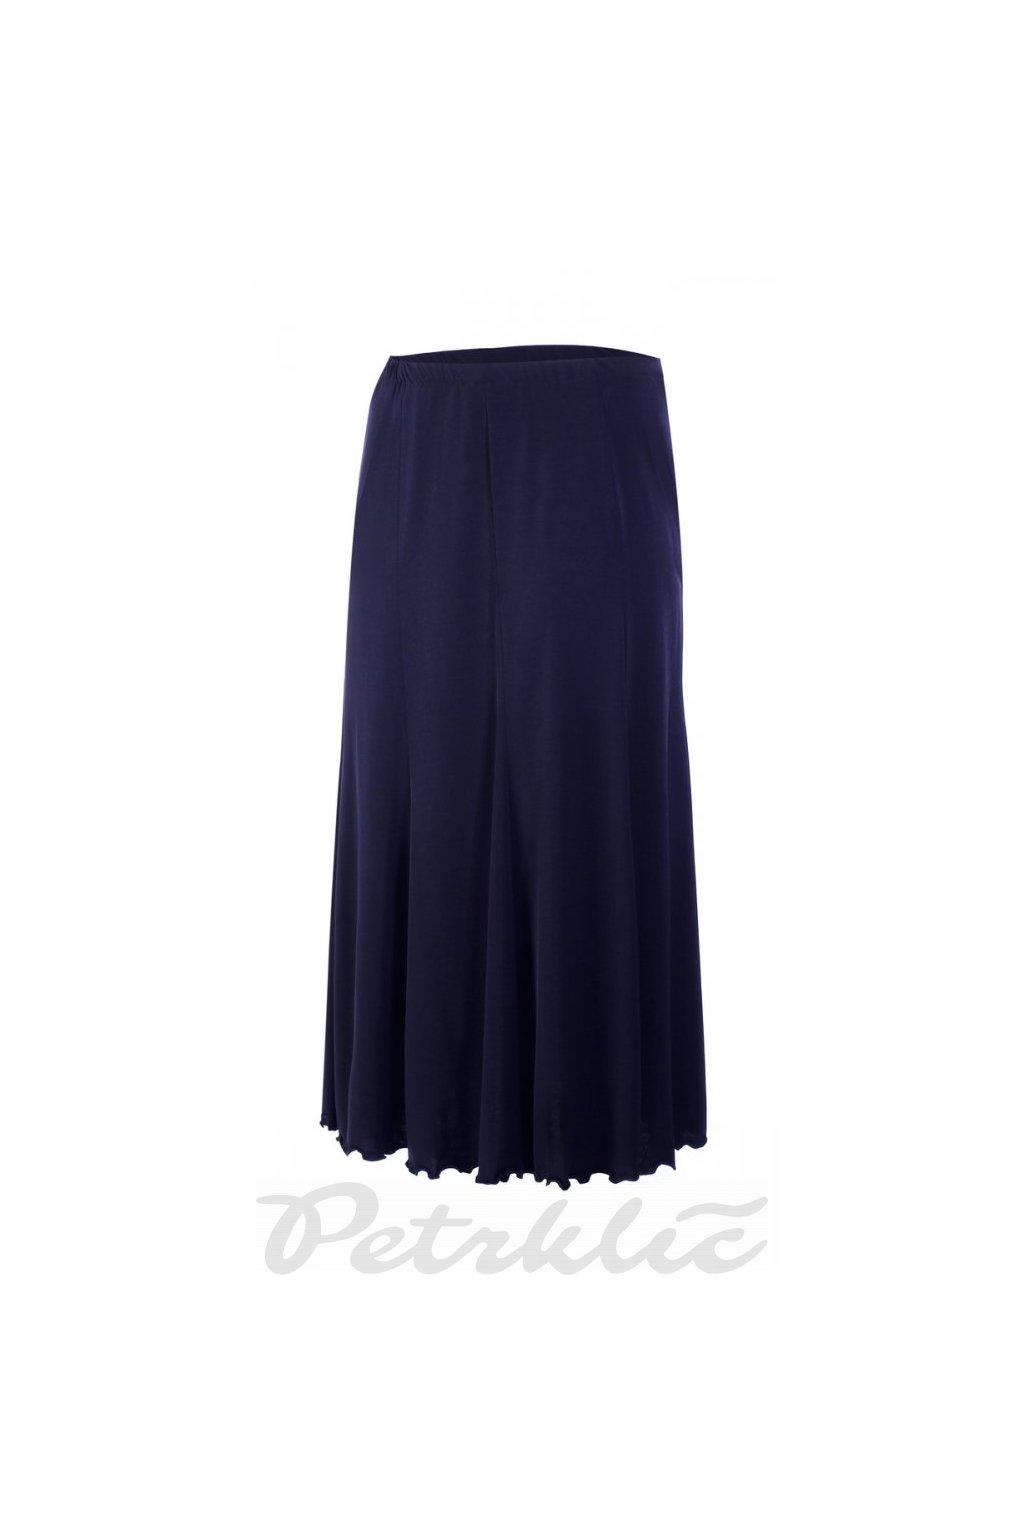 OSMA sukně 70 - 75 cm